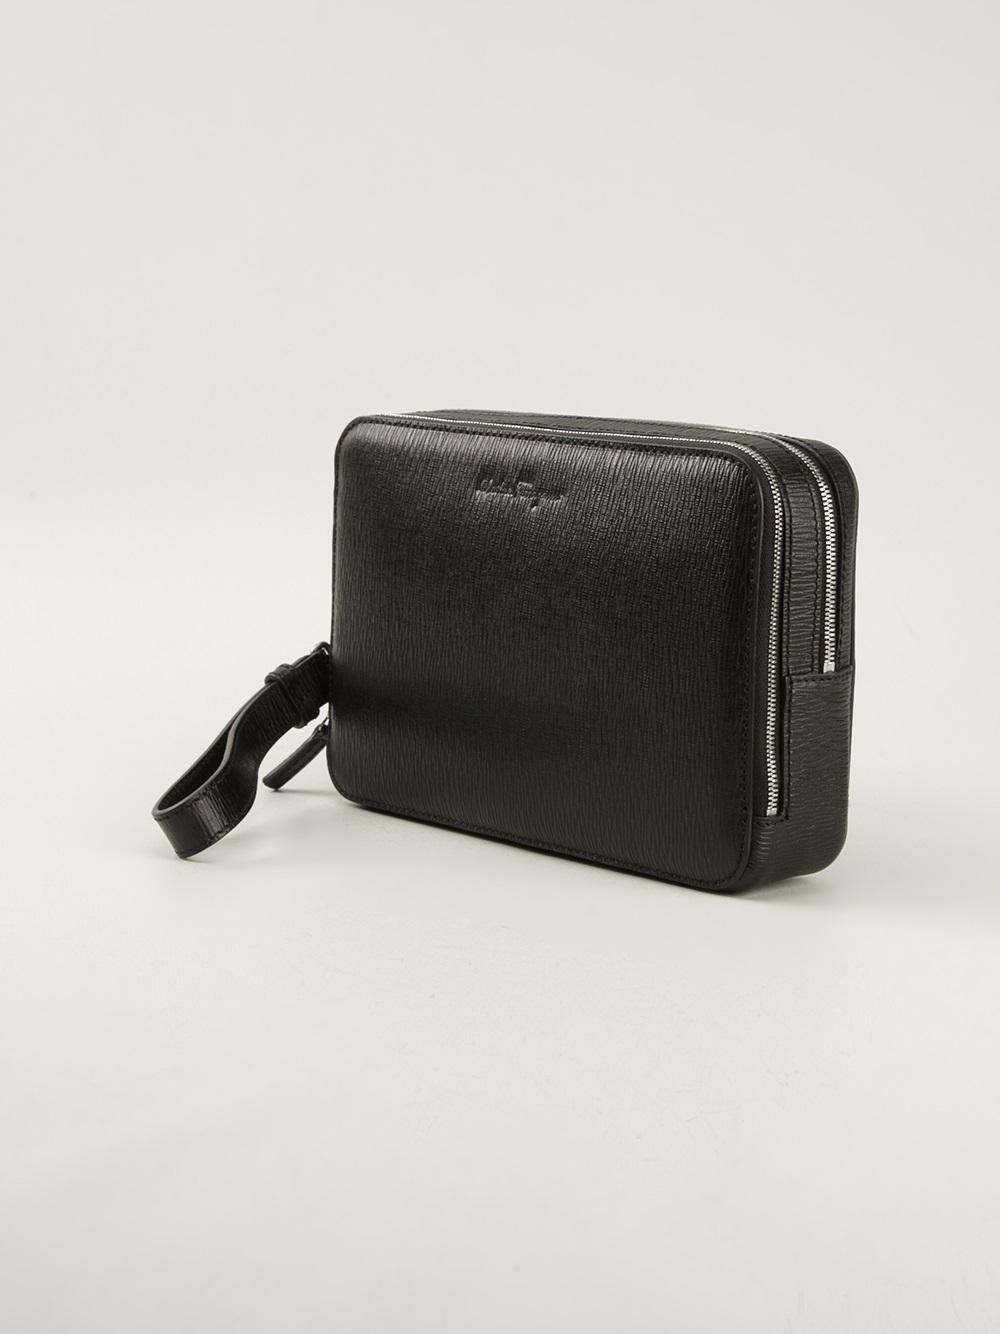 Lyst - Ferragamo Clutch Wallet in Black for Men b83cd2cb78bd2